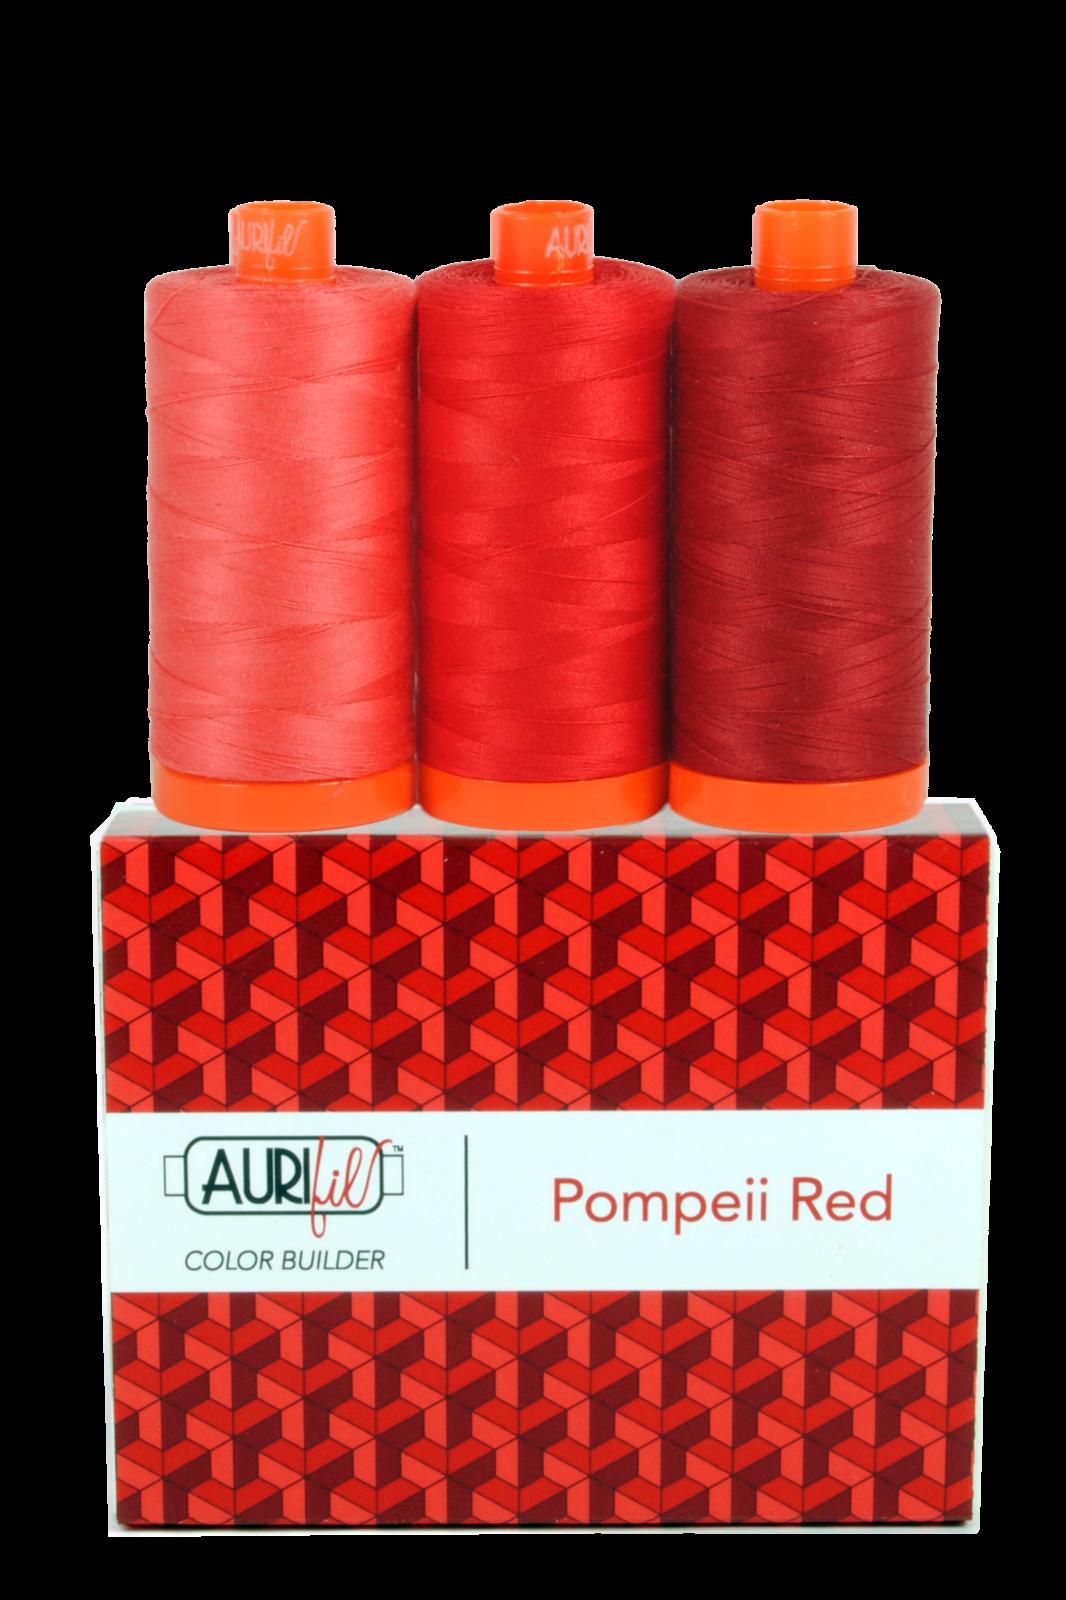 Aurifil Color Builder - Pompeii Red - 50wt